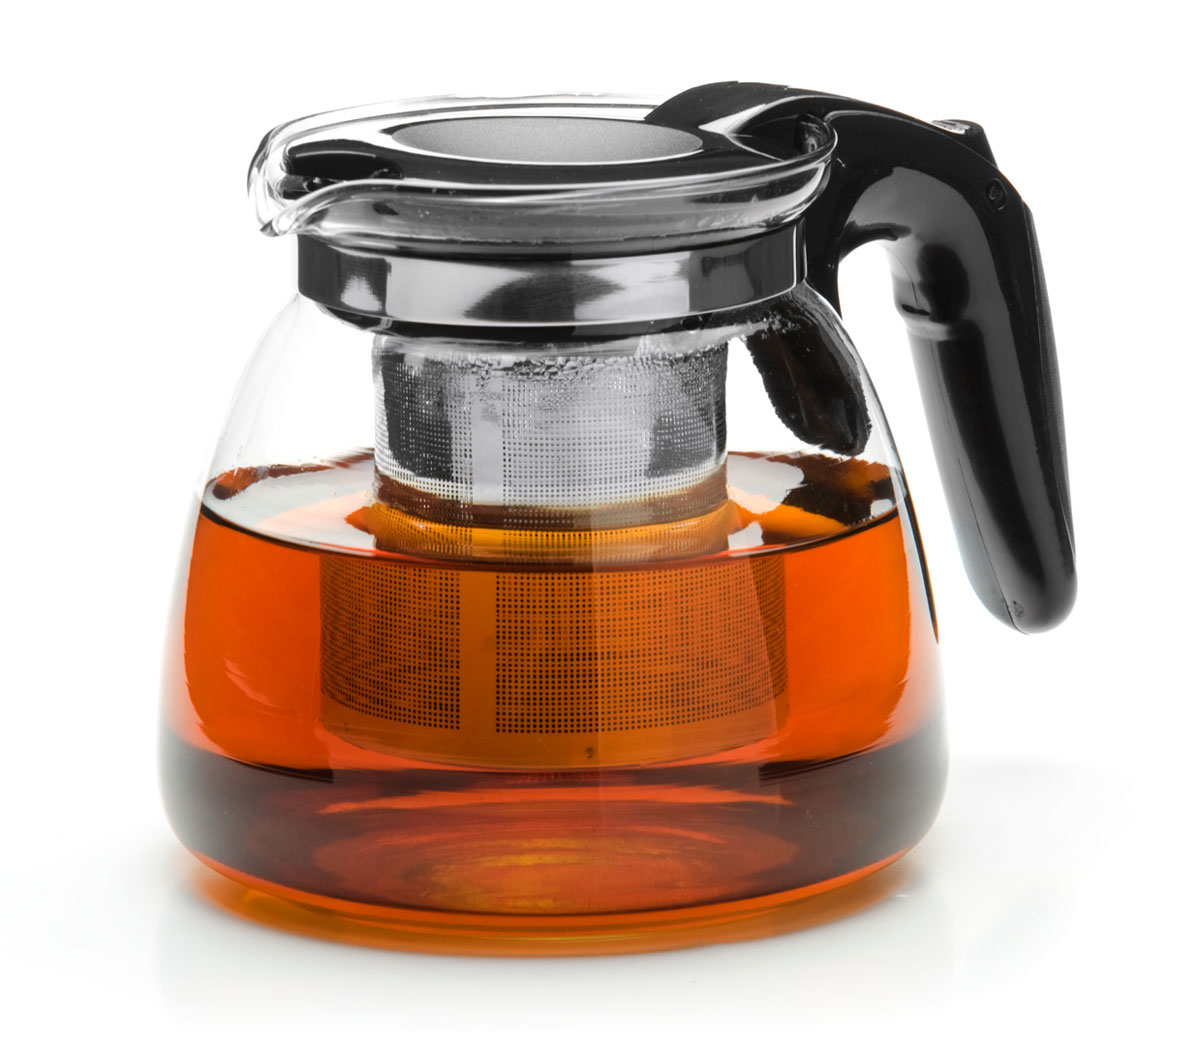 Чайник заварочный Mayer & Boch, 900 мл. 2620226202Заварочный чайник Mayer & Boch изготовлен из термостойкого боросиликатного стекла, фильтр выполнен из нержавеющей стали. Изделия из стекла не впитывают запахи, благодаря чему вы всегда получите натуральный, насыщенный вкус и аромат напитков.Заварочный чайник из стекла удобно использовать для повседневного заваривания чая практически любого сорта. Но цветочные, фруктовые, красные и желтые сорта чая лучше других раскрывают свой вкус и аромат при заваривании именно в стеклянных чайниках, а также сохраняют все полезные ферменты и витамины, содержащиеся в чайных листах. Стальной фильтр гарантирует прозрачность и чистоту напитка от чайных листьев, при этом сохранив букет и насыщенность чая. Прозрачные стенки чайника дают возможность насладиться насыщенным цветом заваренного чая.Изящный заварочный чайник Mayer & Boch будет прекрасно смотреться в любом интерьере.Подходит для мытья в посудомоечной машине.